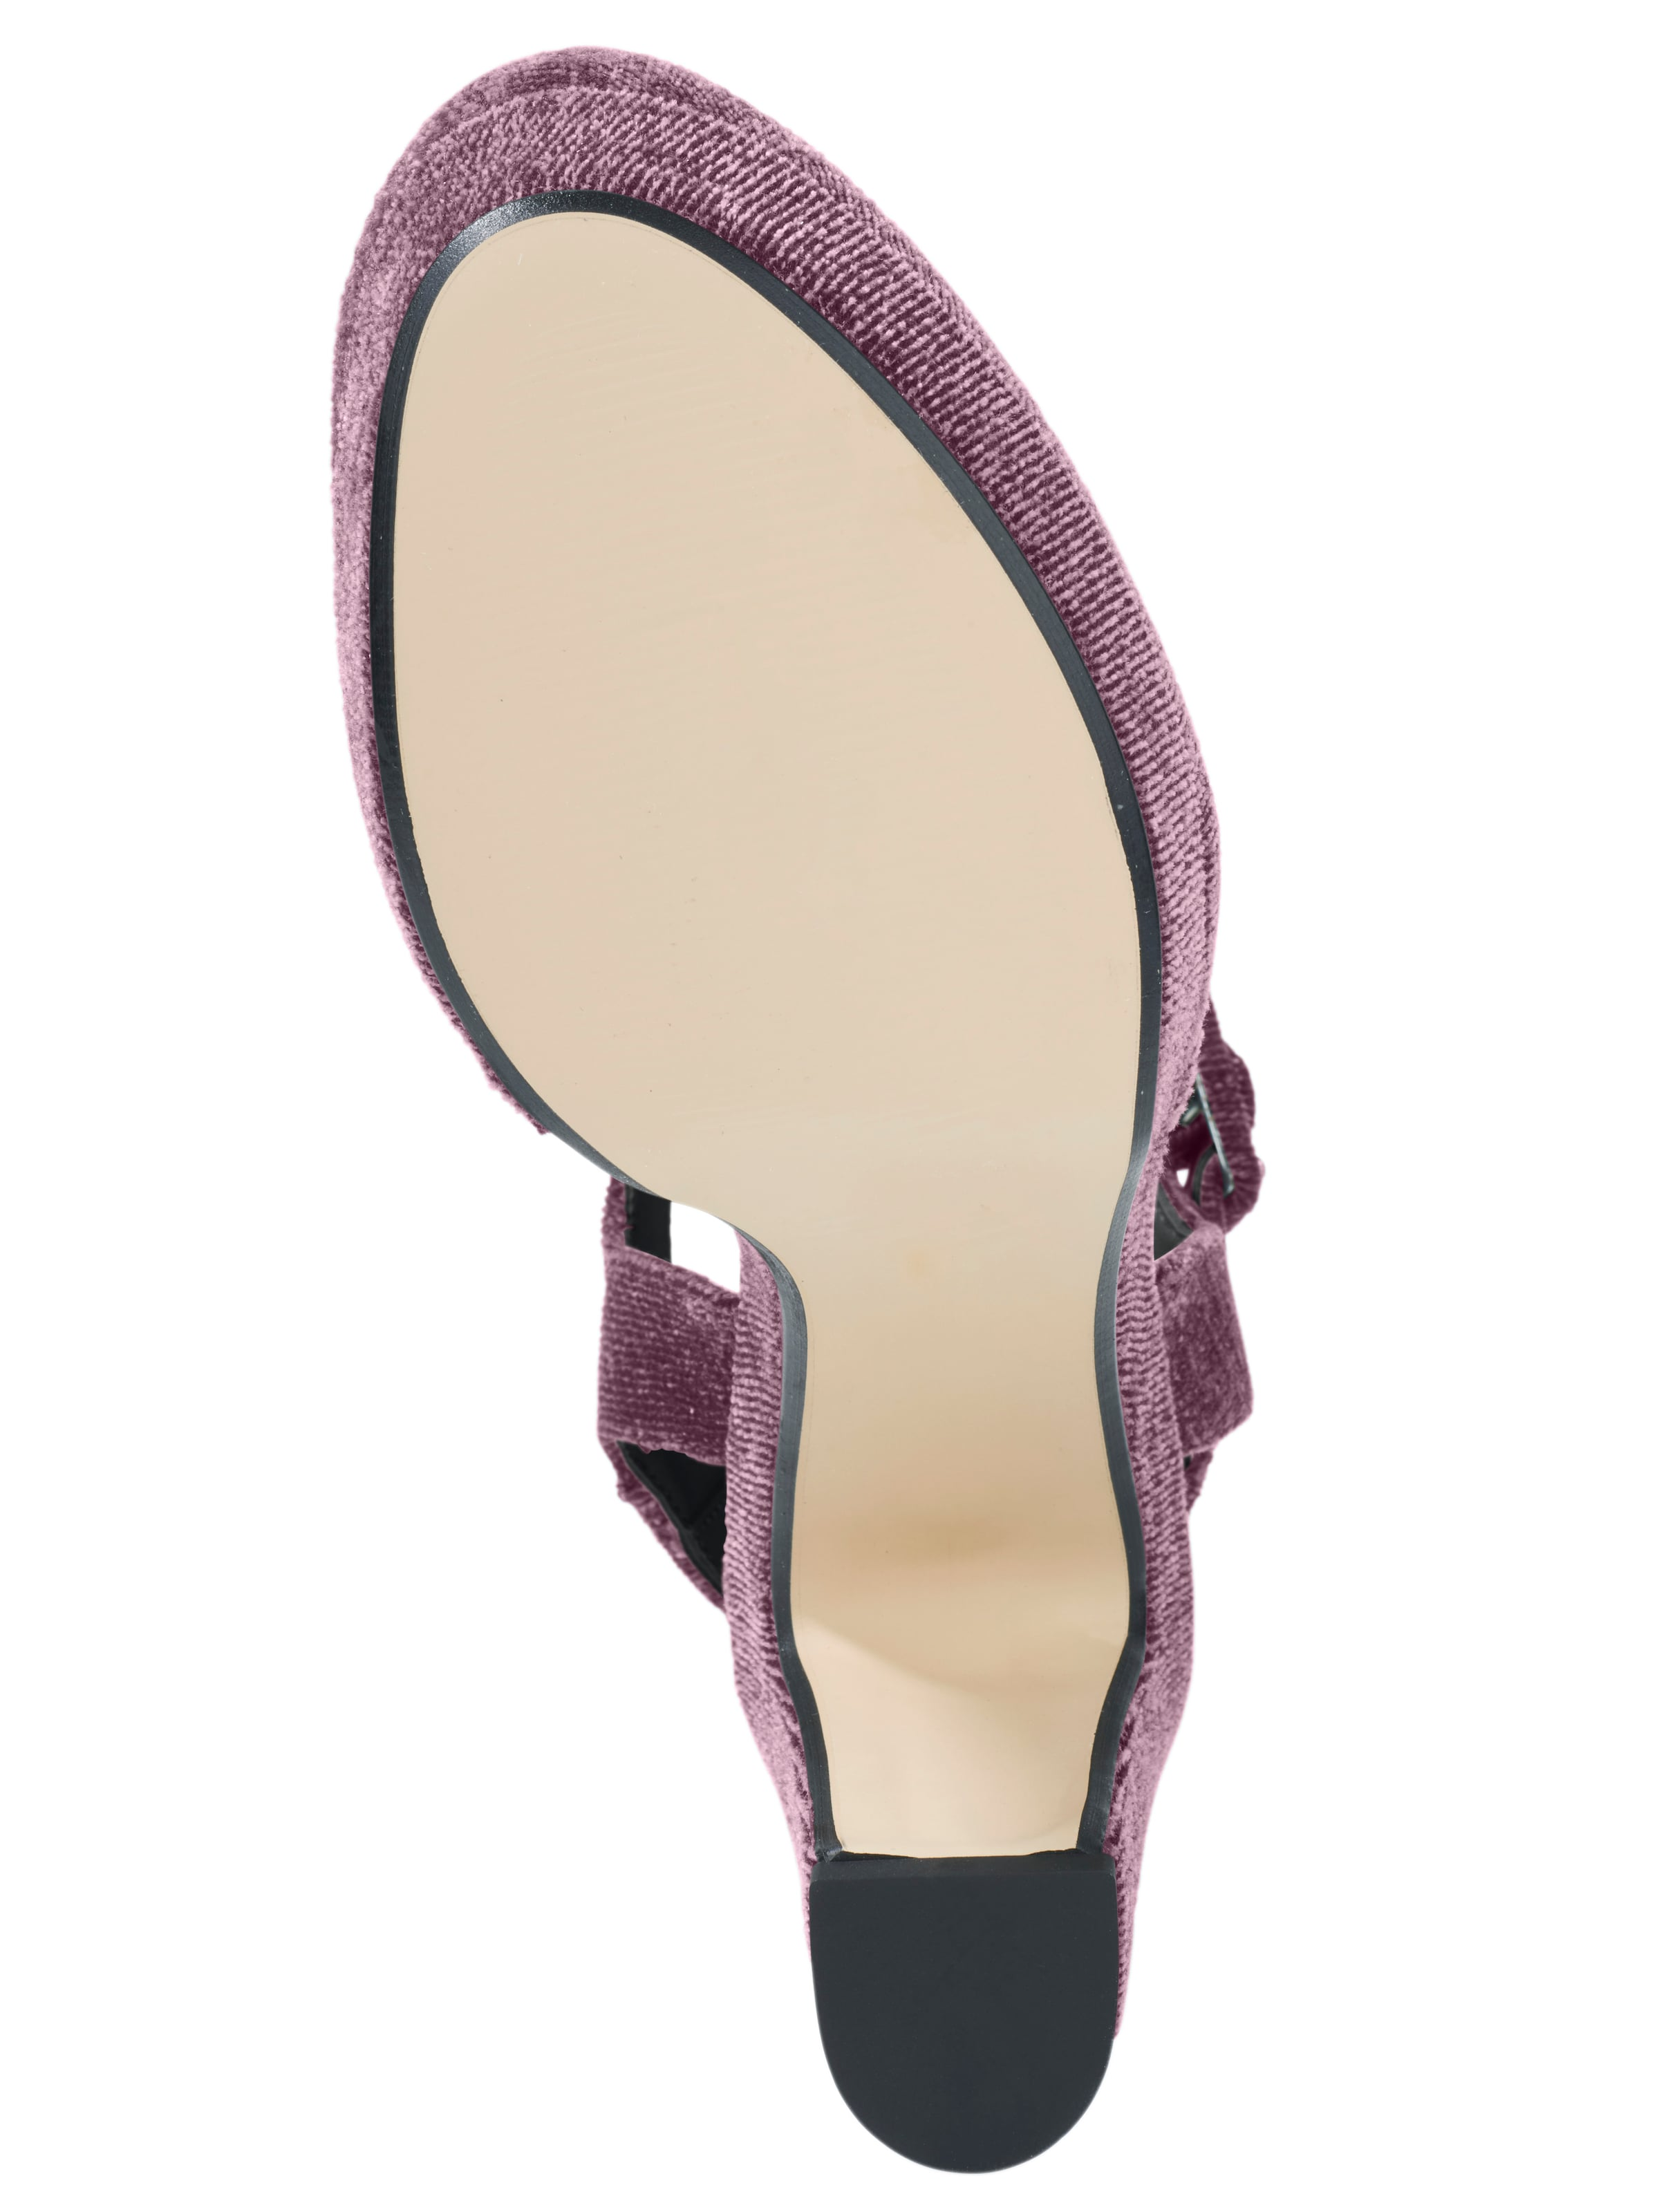 Factory-Outlet-Verkauf Online heine Sandalette Spielraum Sast Eastbay Günstigen Preis Steckdose Online YtAqRfI